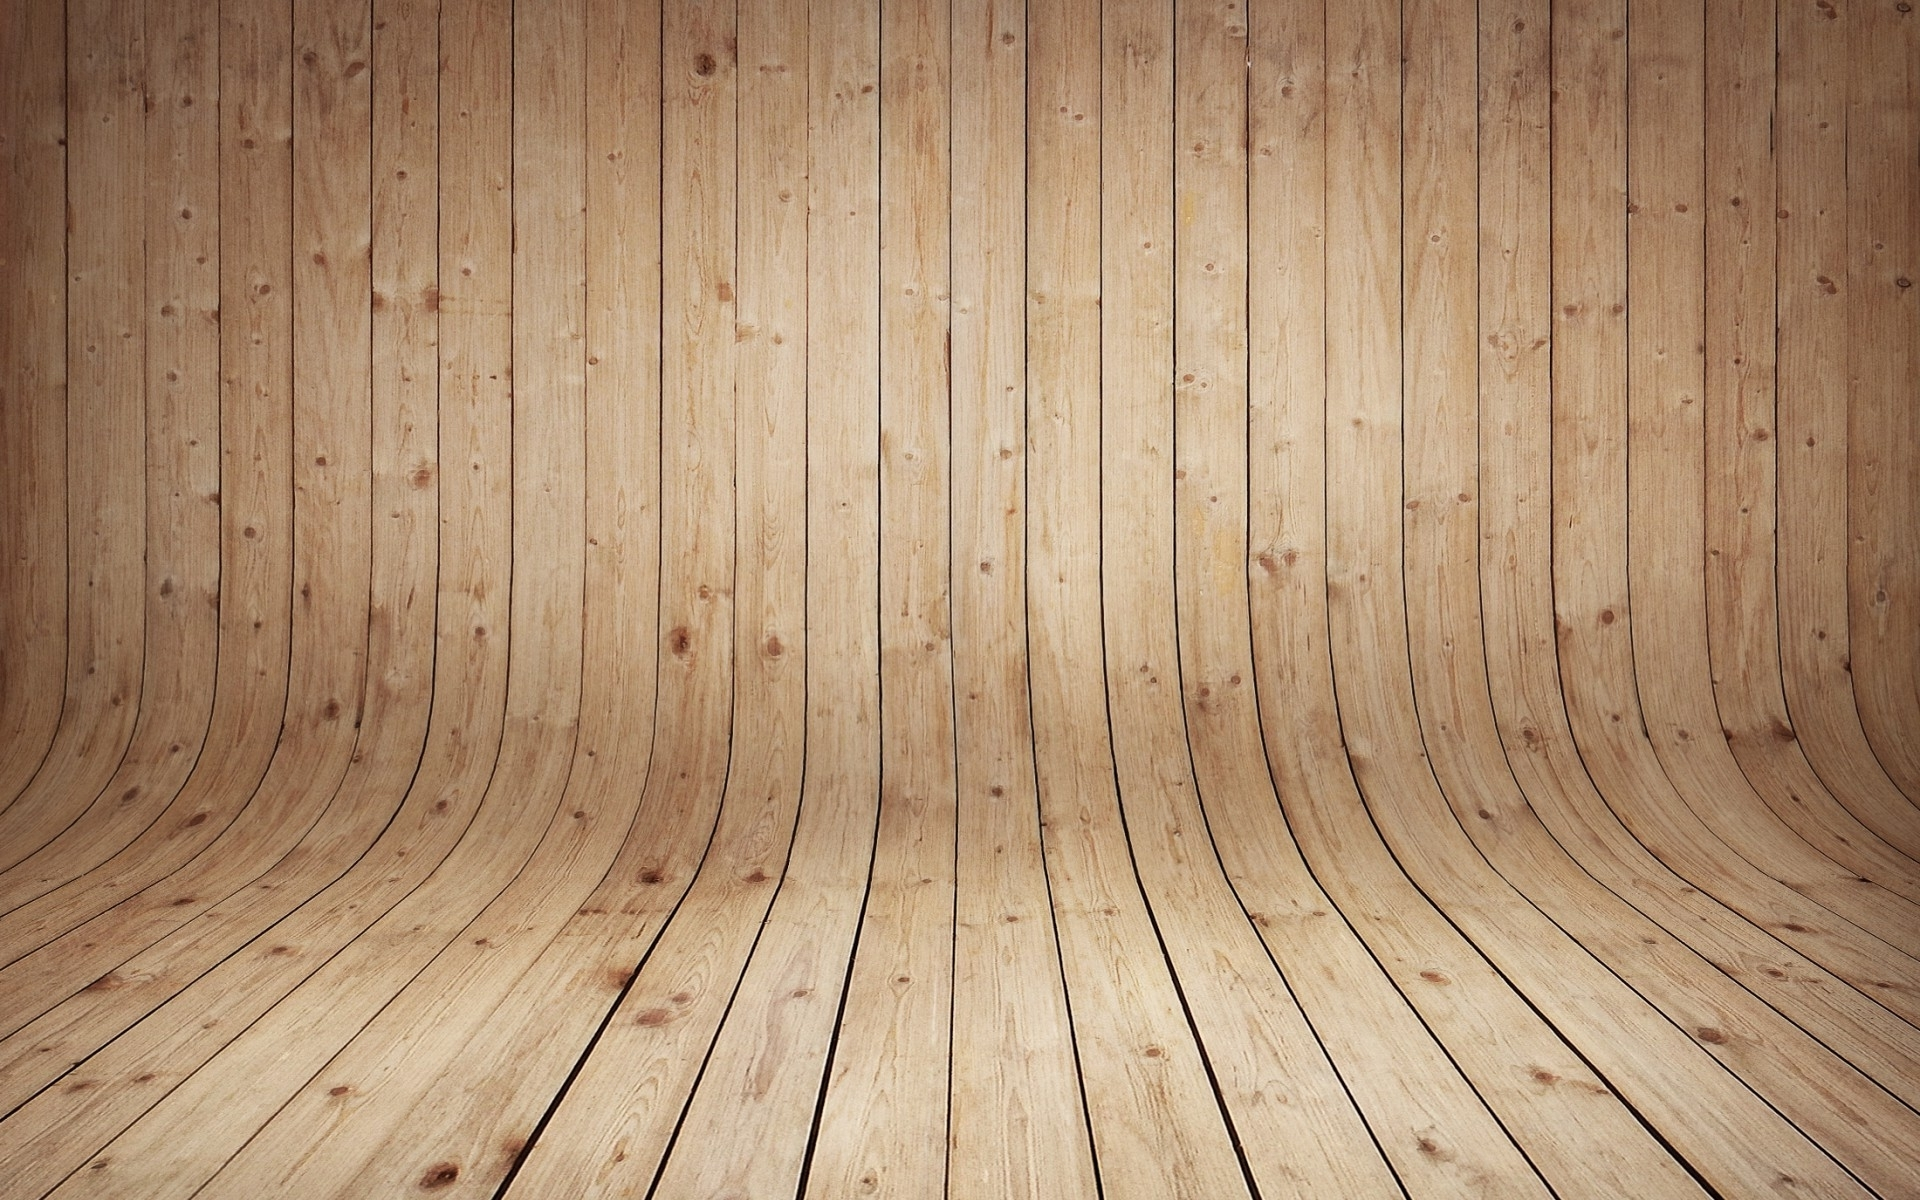 Wooden Wallpaper - QyGjxZ